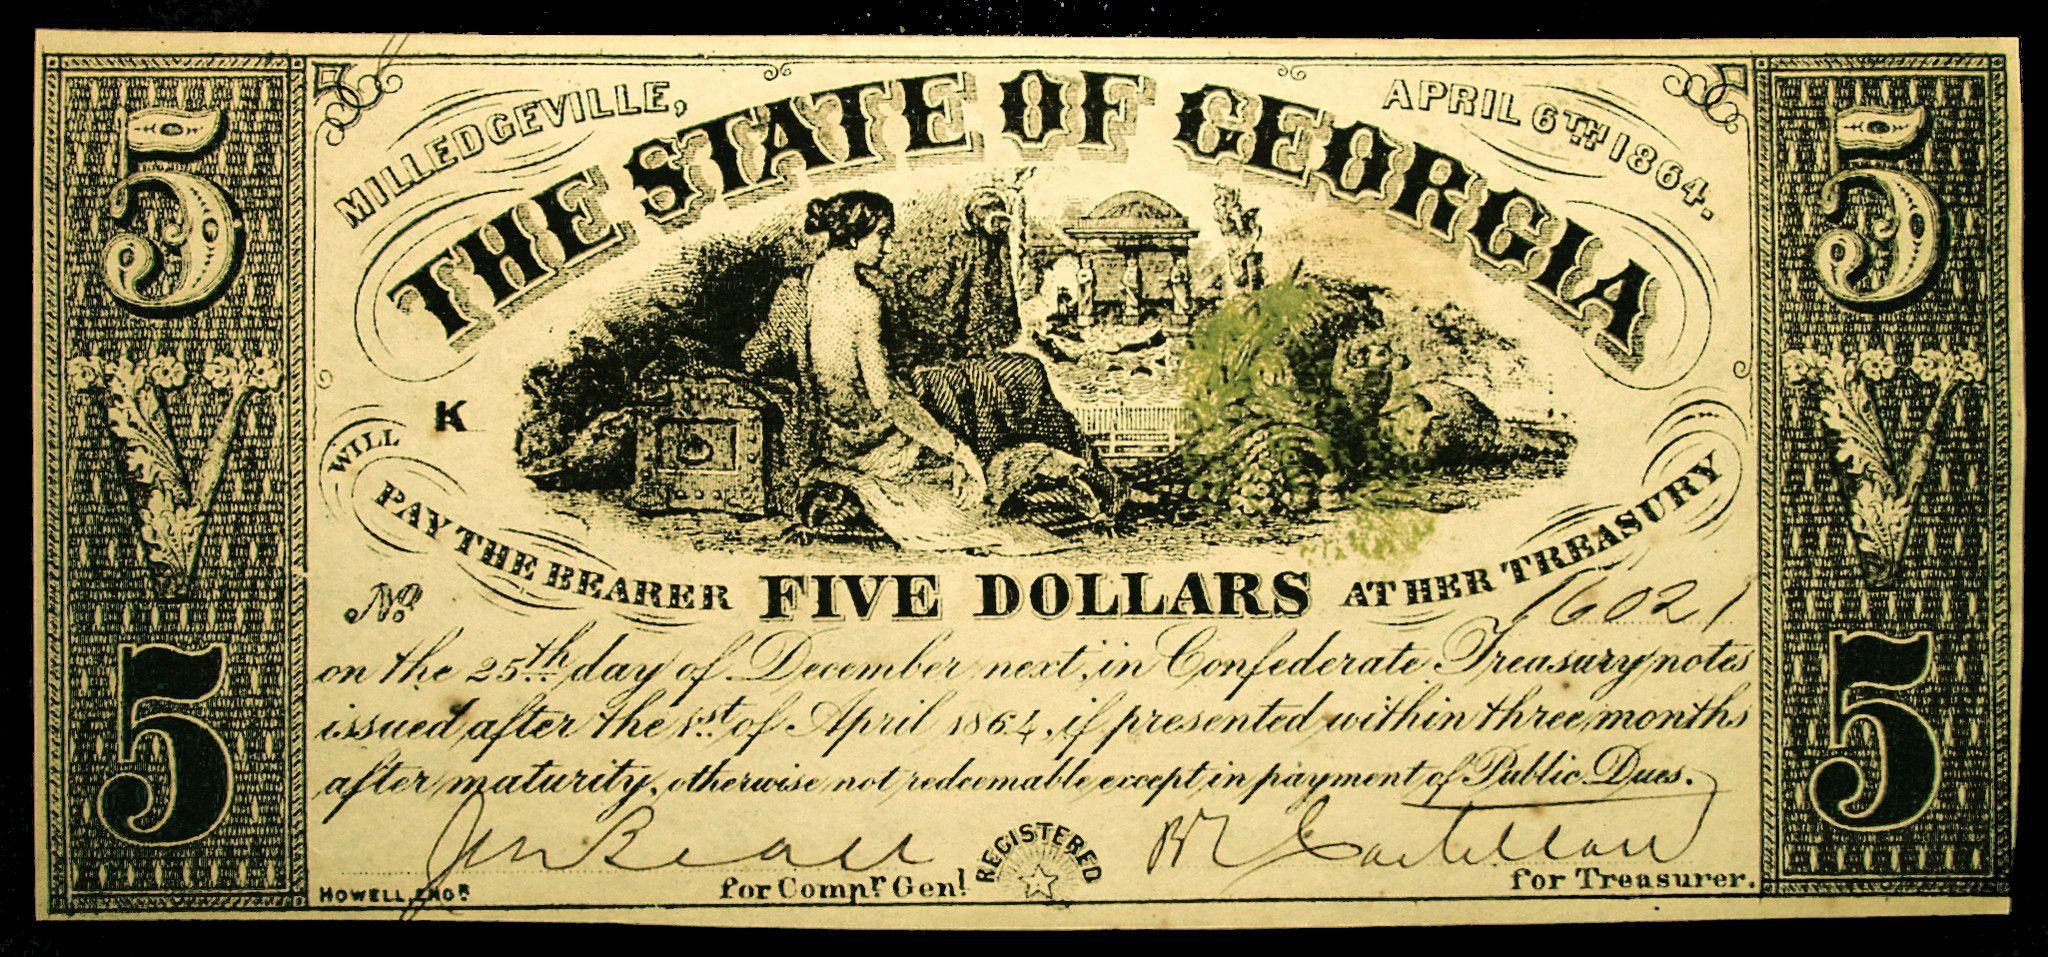 5 Georgia Confederate Civil War Note Dated April 6